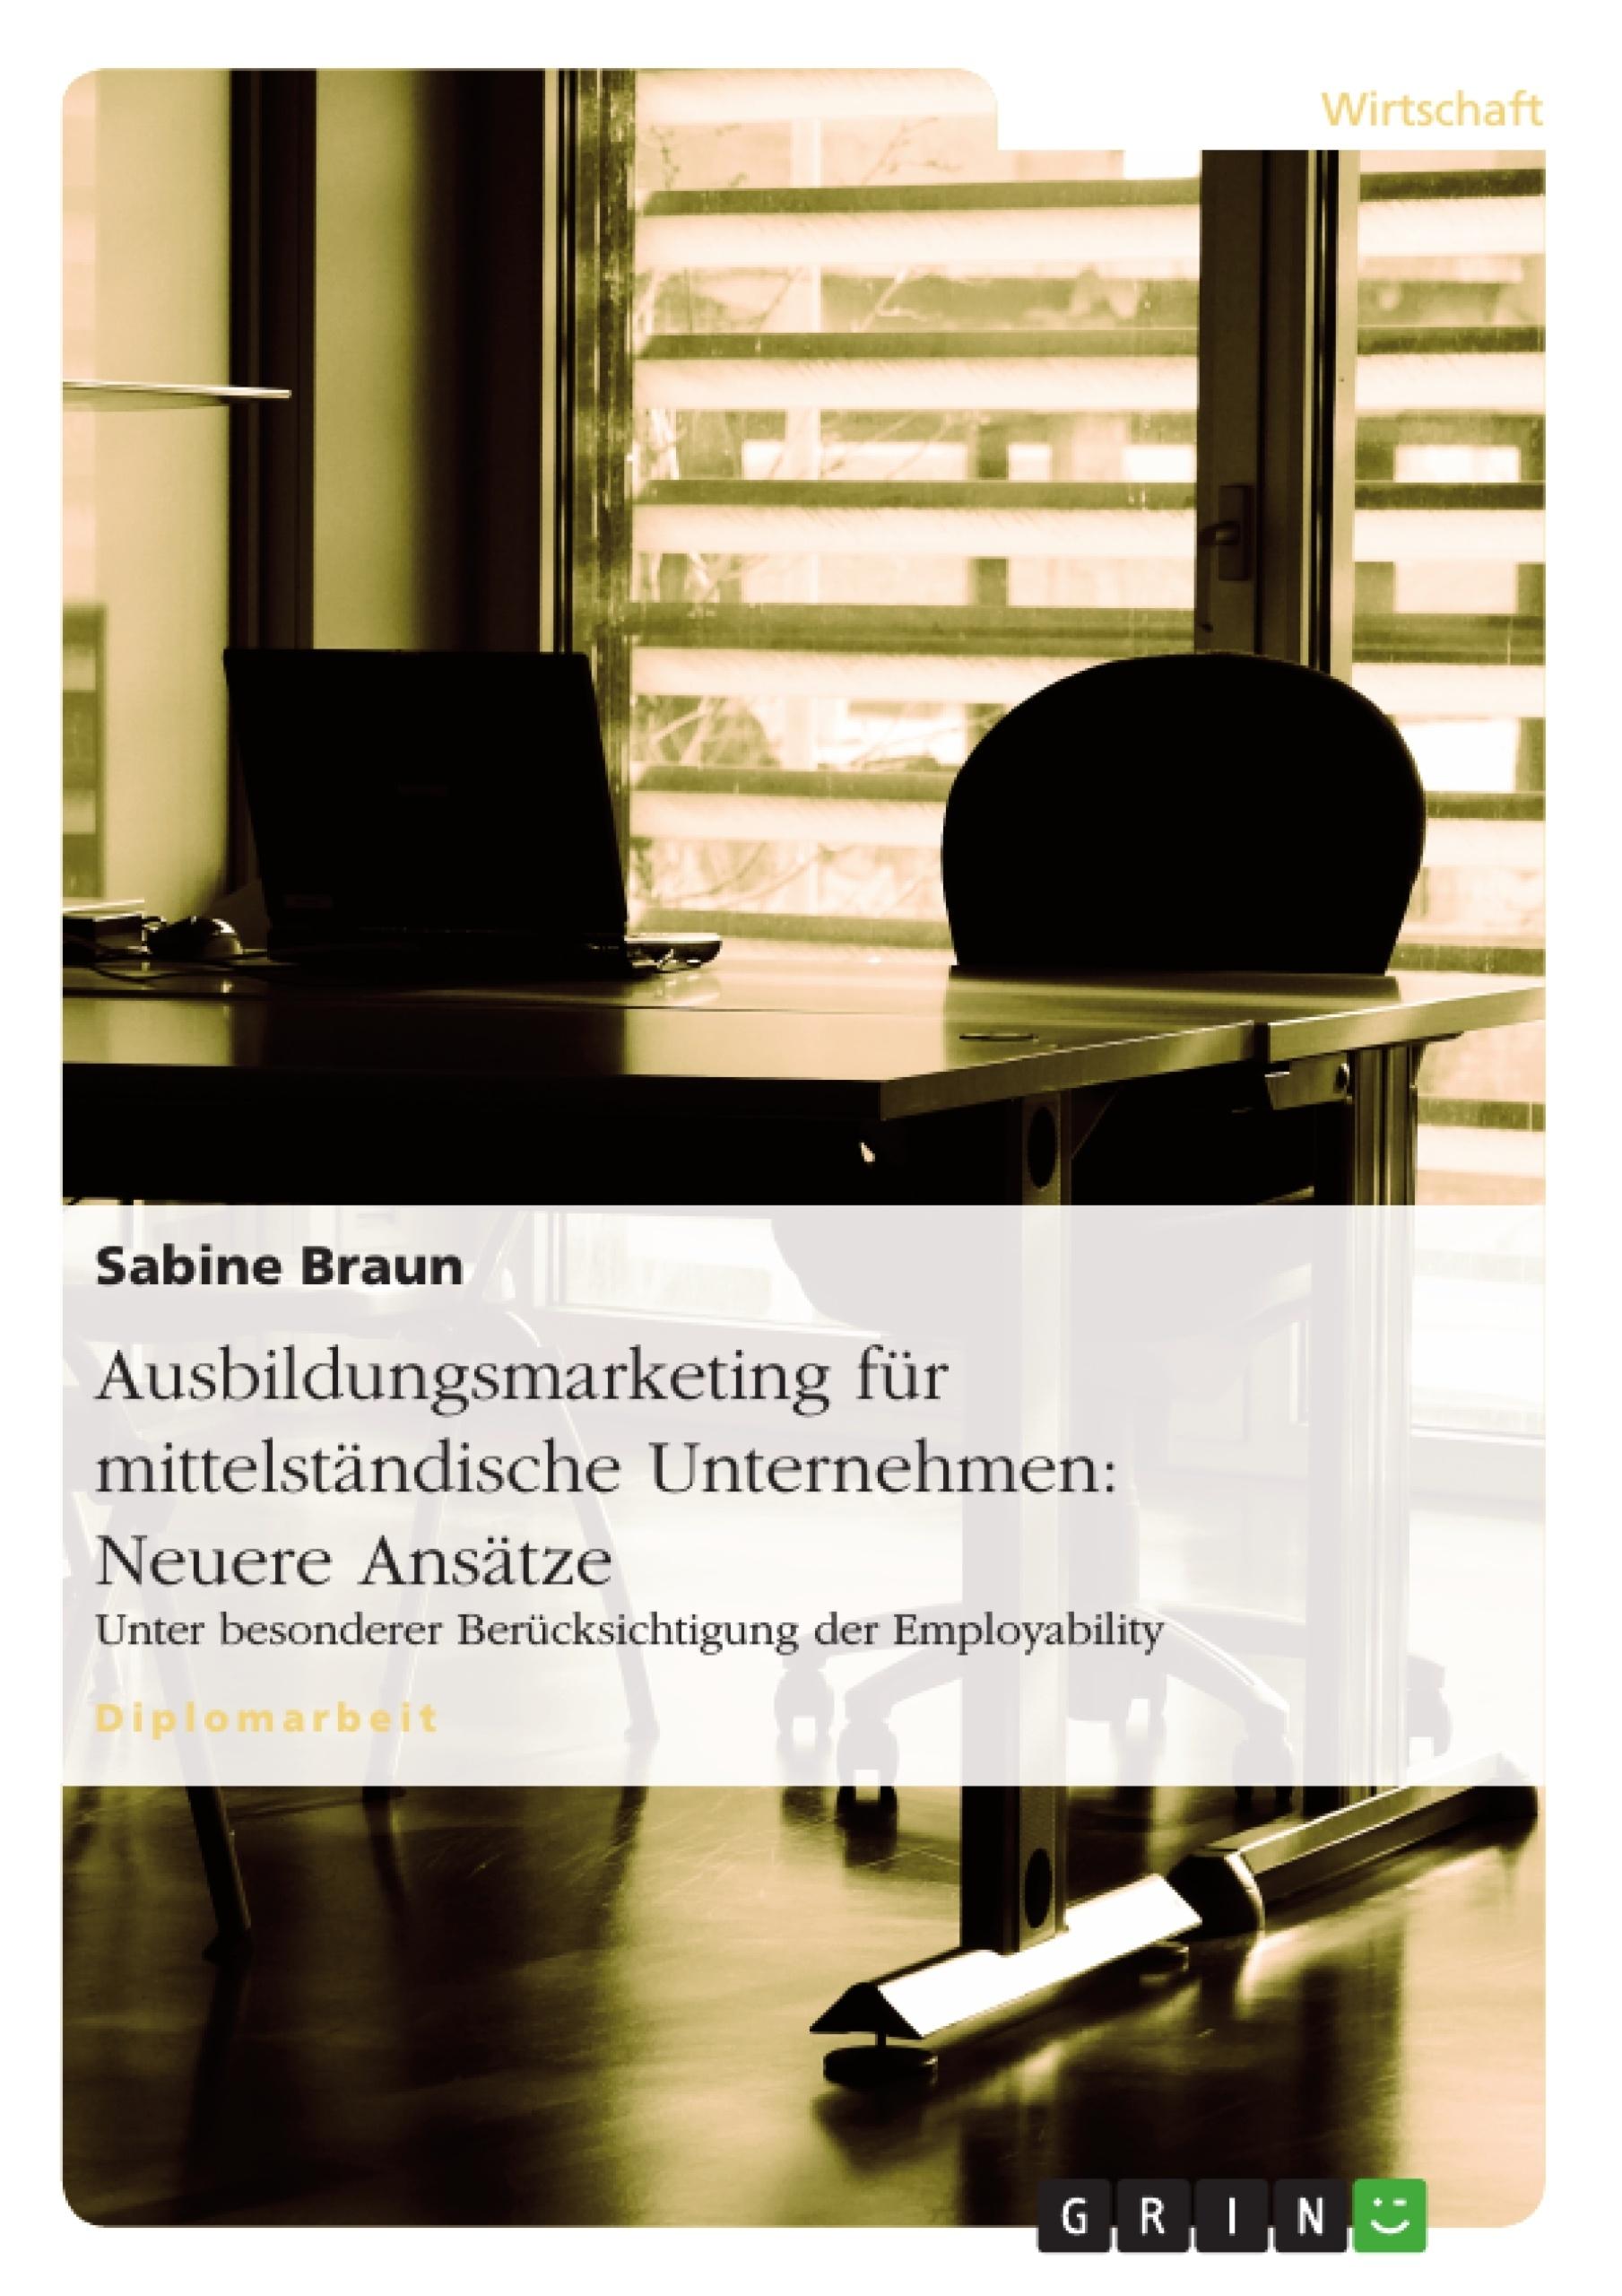 Titel: Ausbildungsmarketing für mittelständische Unternehmen: Neuere Ansätze